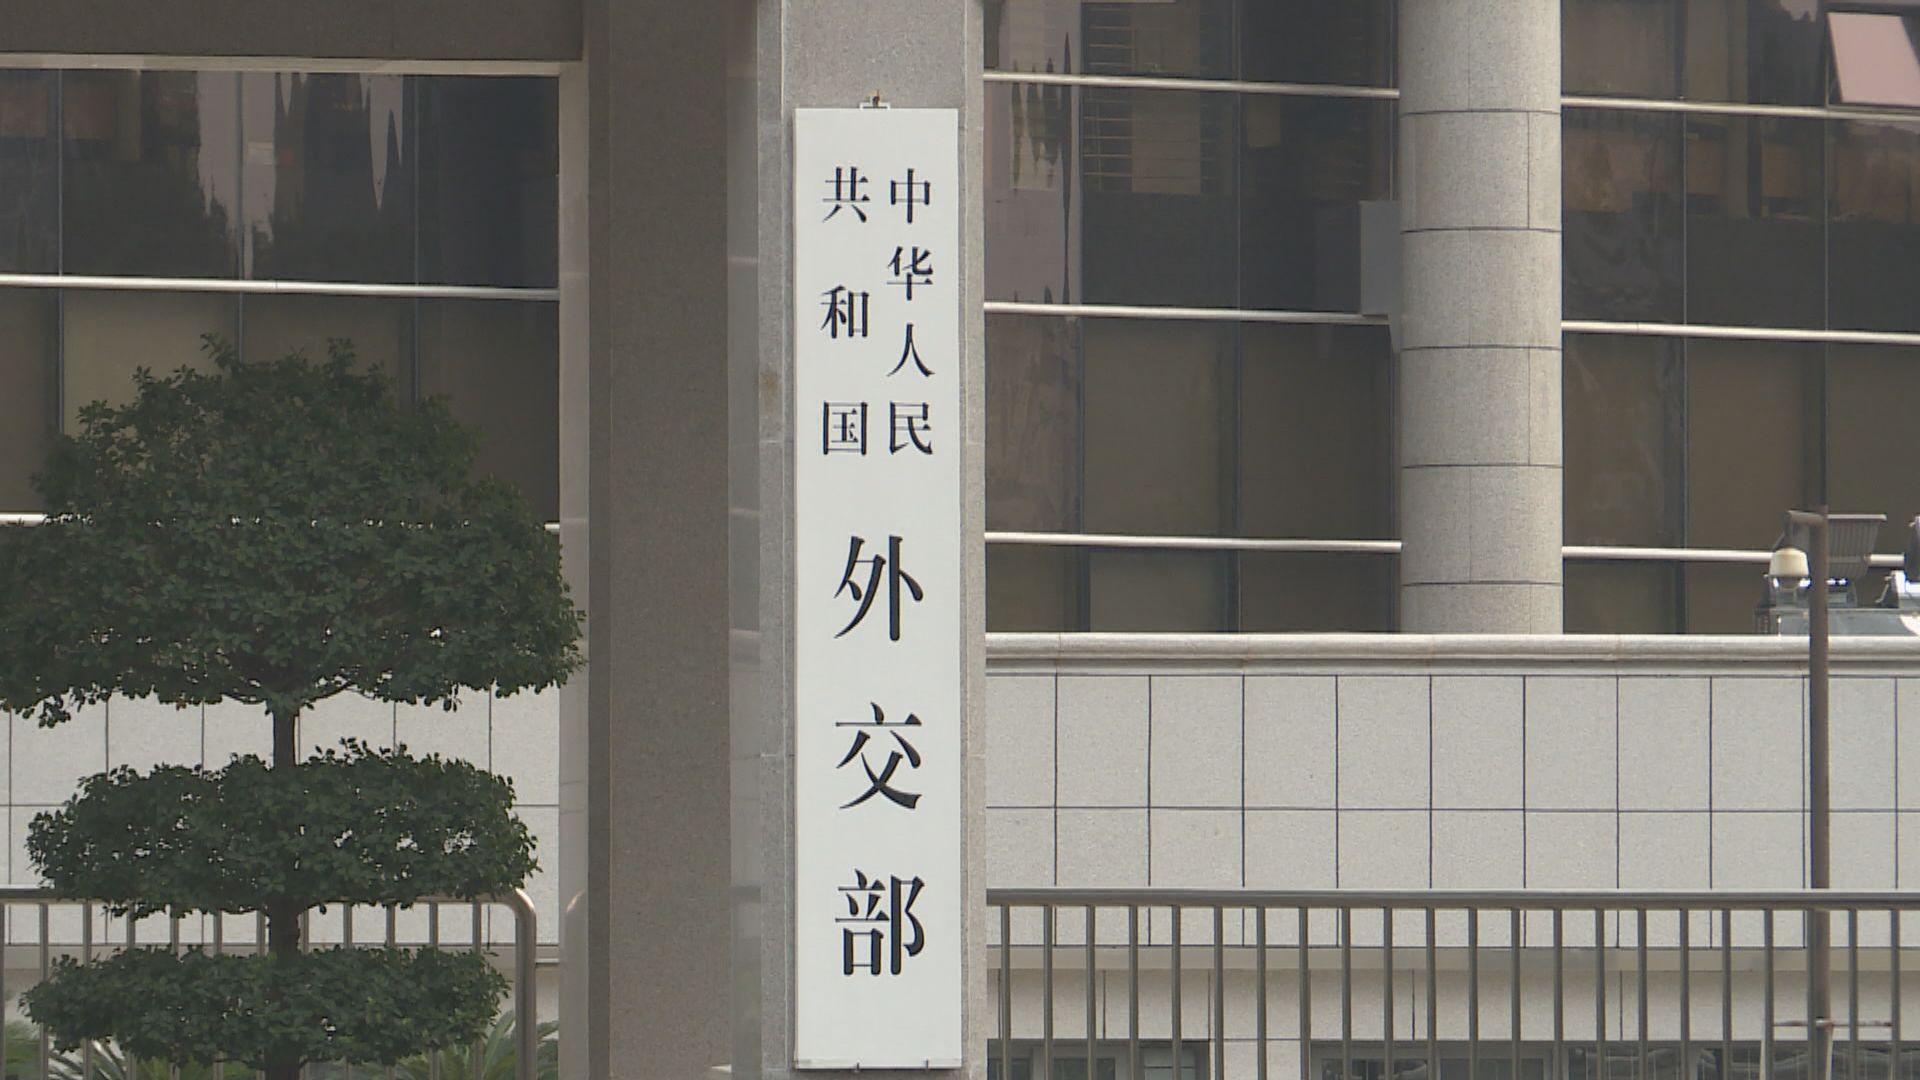 外交部:支持特區政府決定別國無權干涉